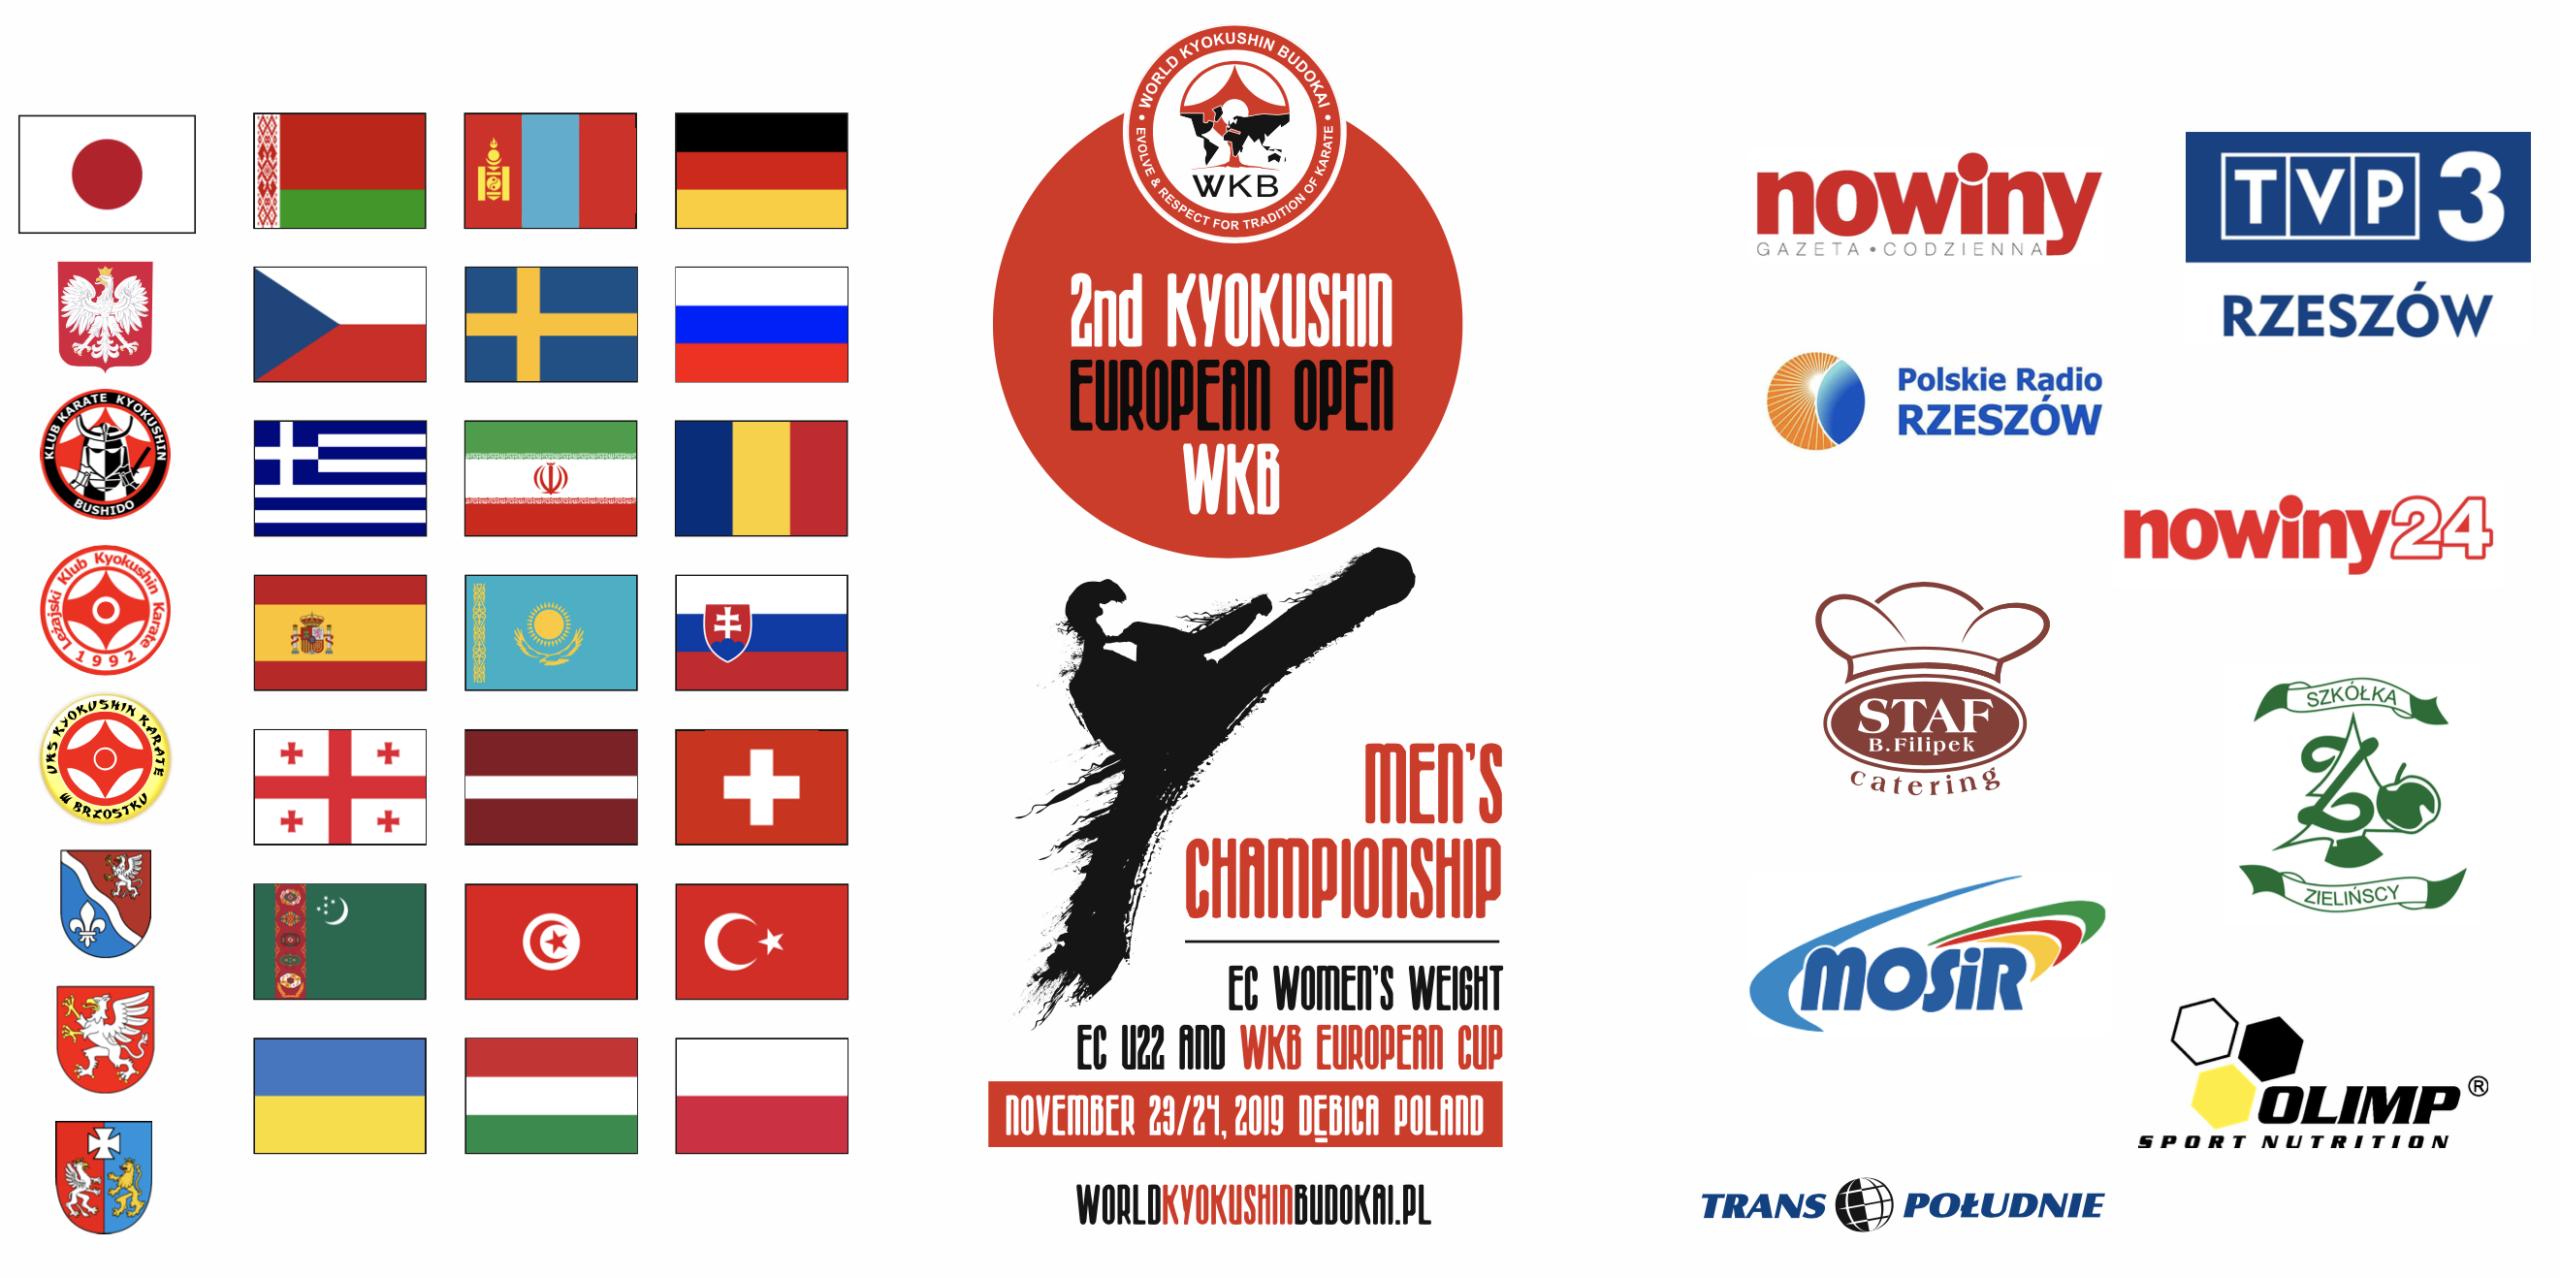 Zapraszamy do oglądania transmisji online! z Mistrzostw Europy Open WKB!